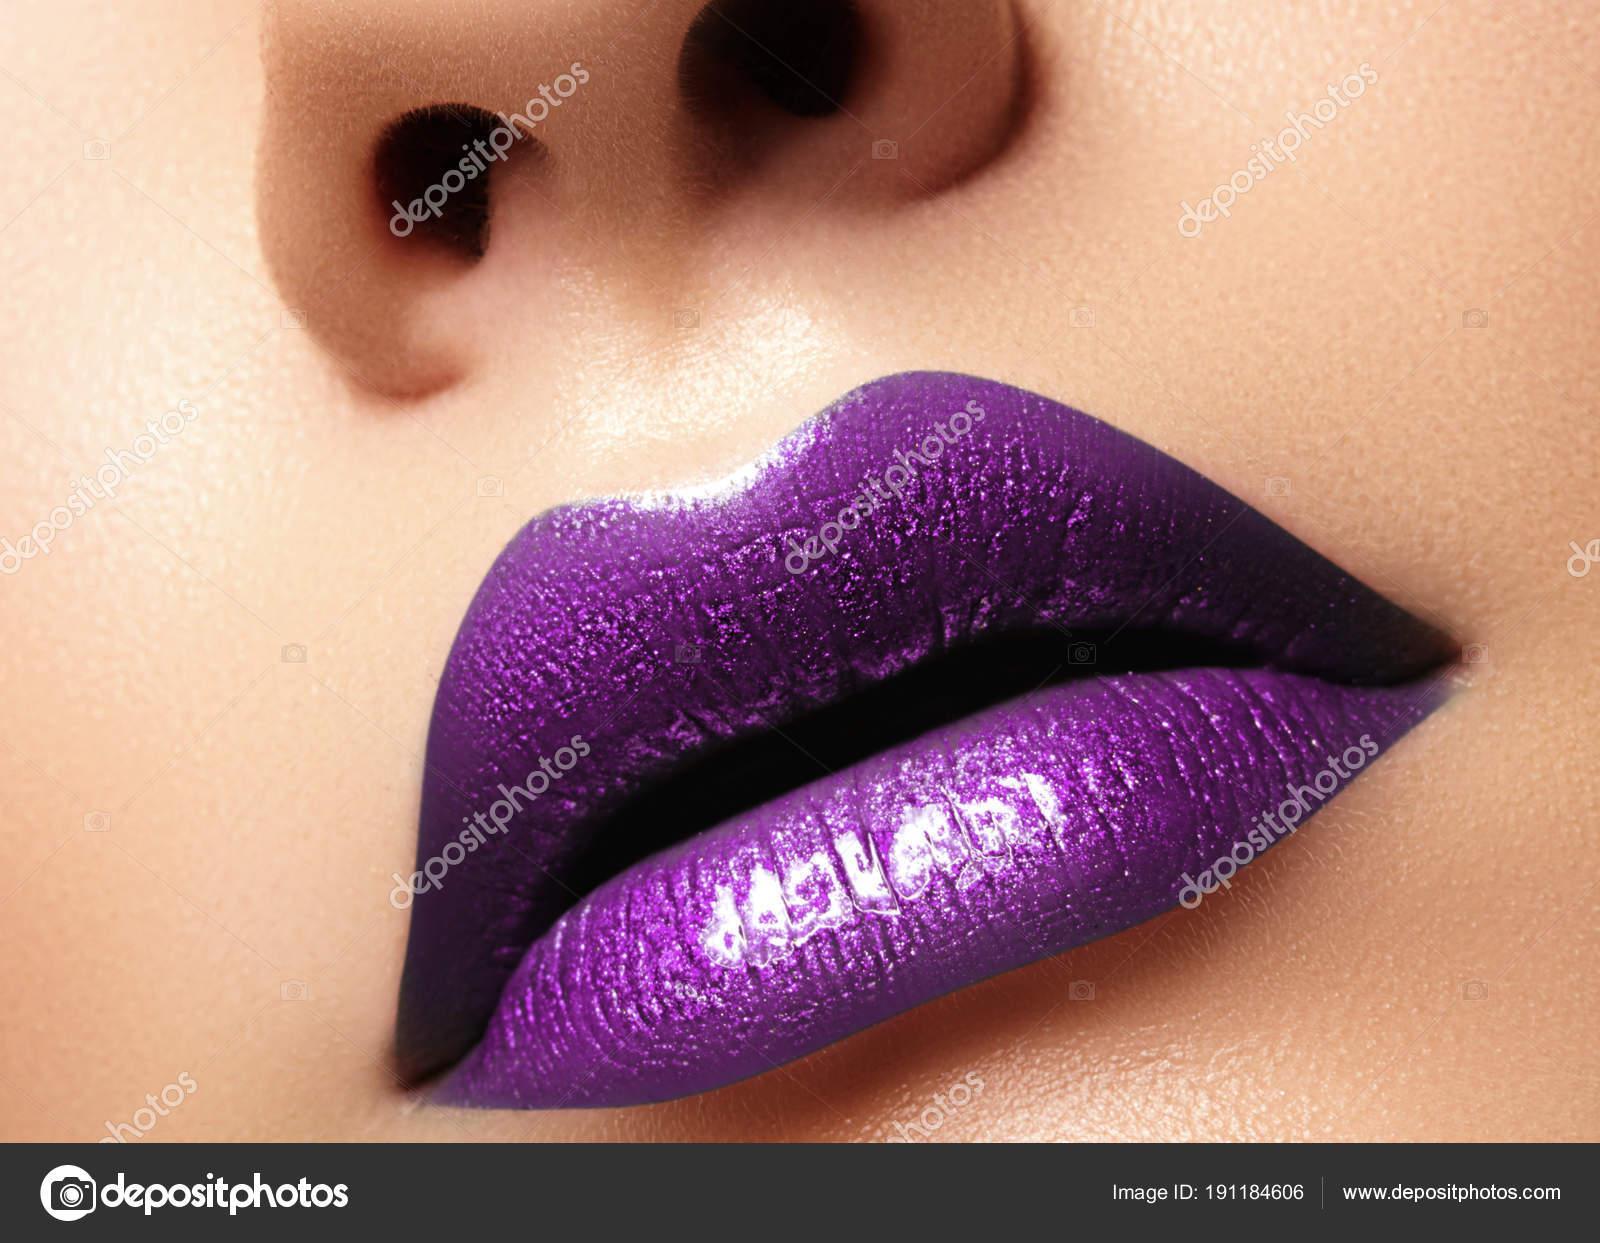 Эротические фотографии женских губ — pic 8